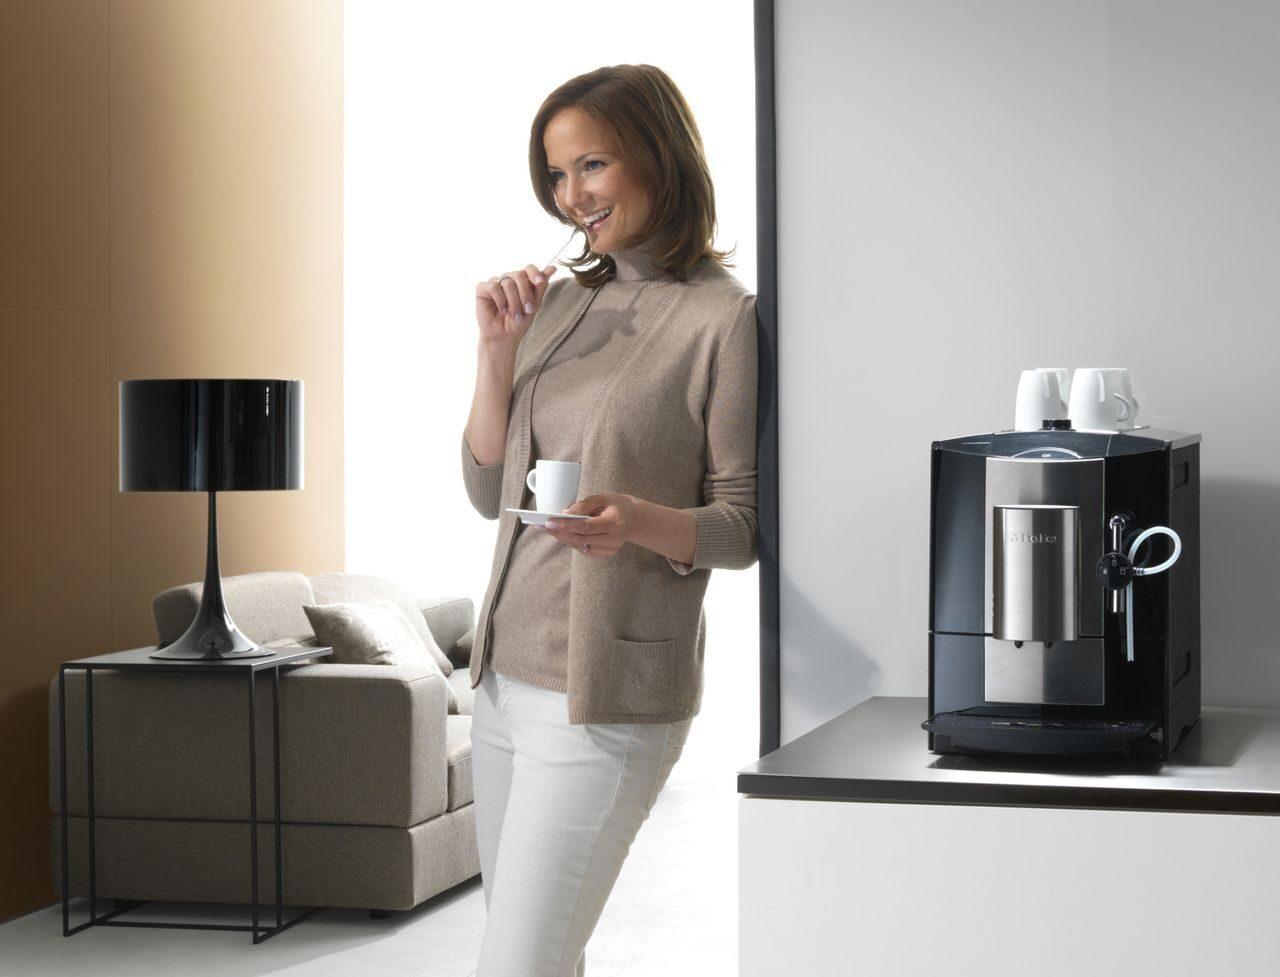 Ремонт кофемашин и кофеварок любых фирм . Сервис по ремонту кофеварок Панамастер